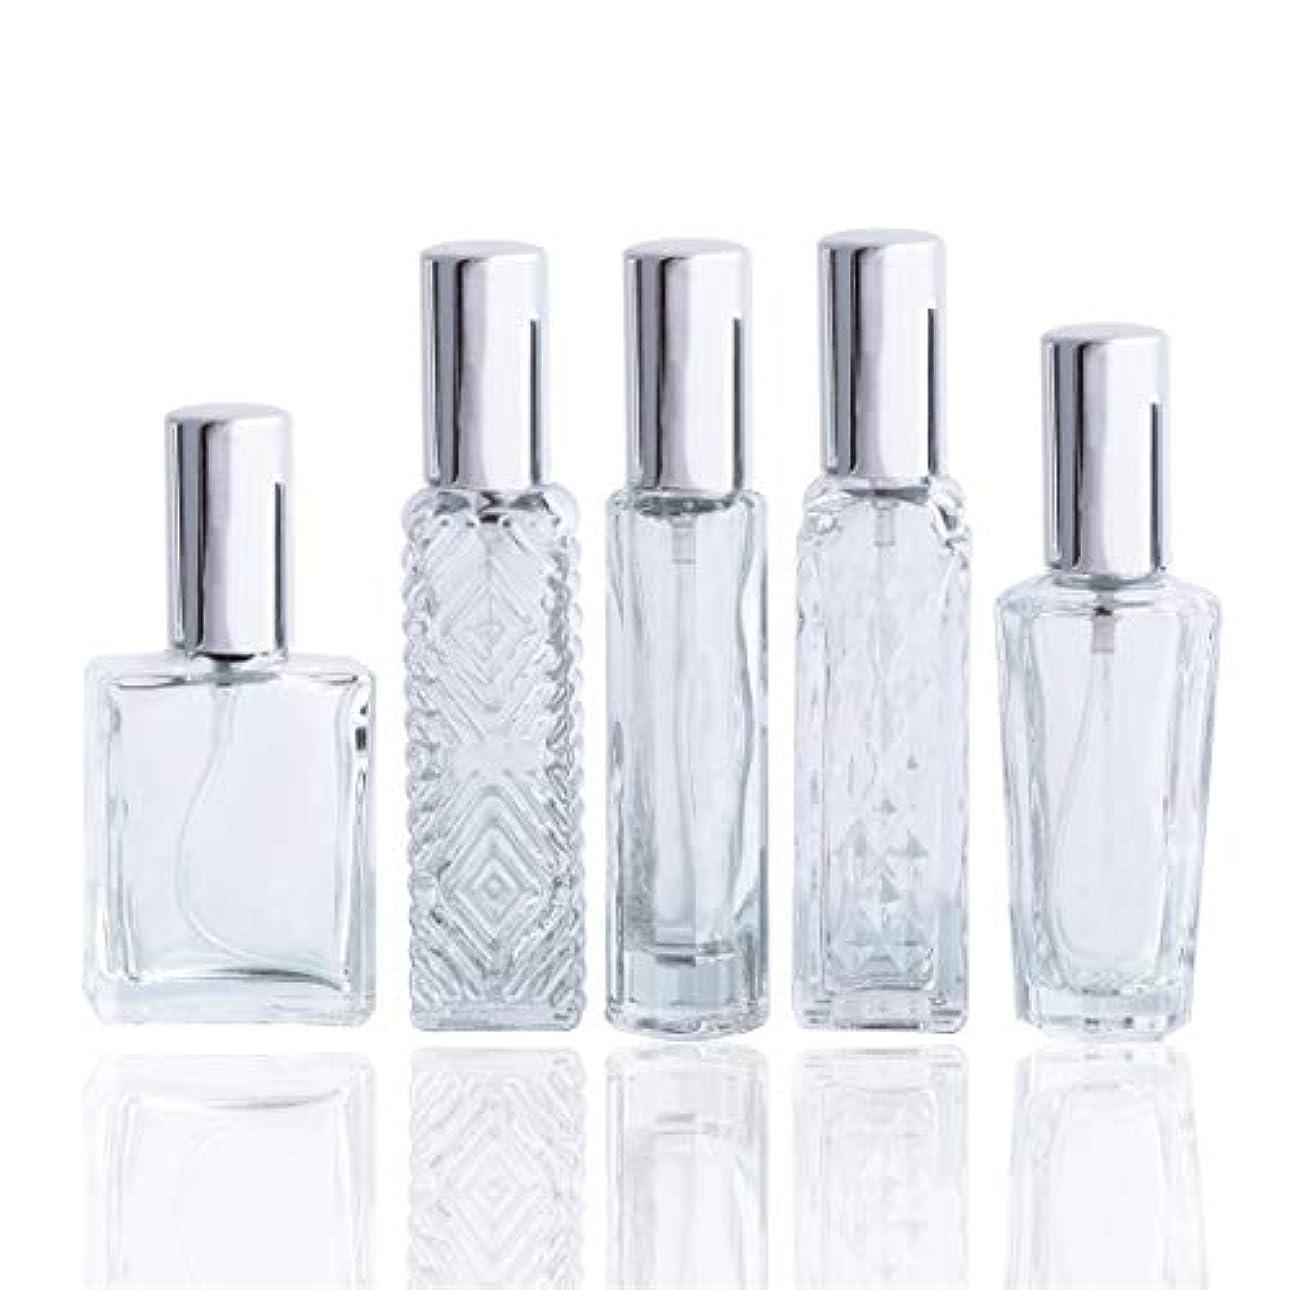 上陸やむを得ない意義Waltz&Fクリアガラススプレー香水瓶 空きフレグランスボトル詰替用瓶アトマイザー分け瓶 旅行用品 化粧水用瓶